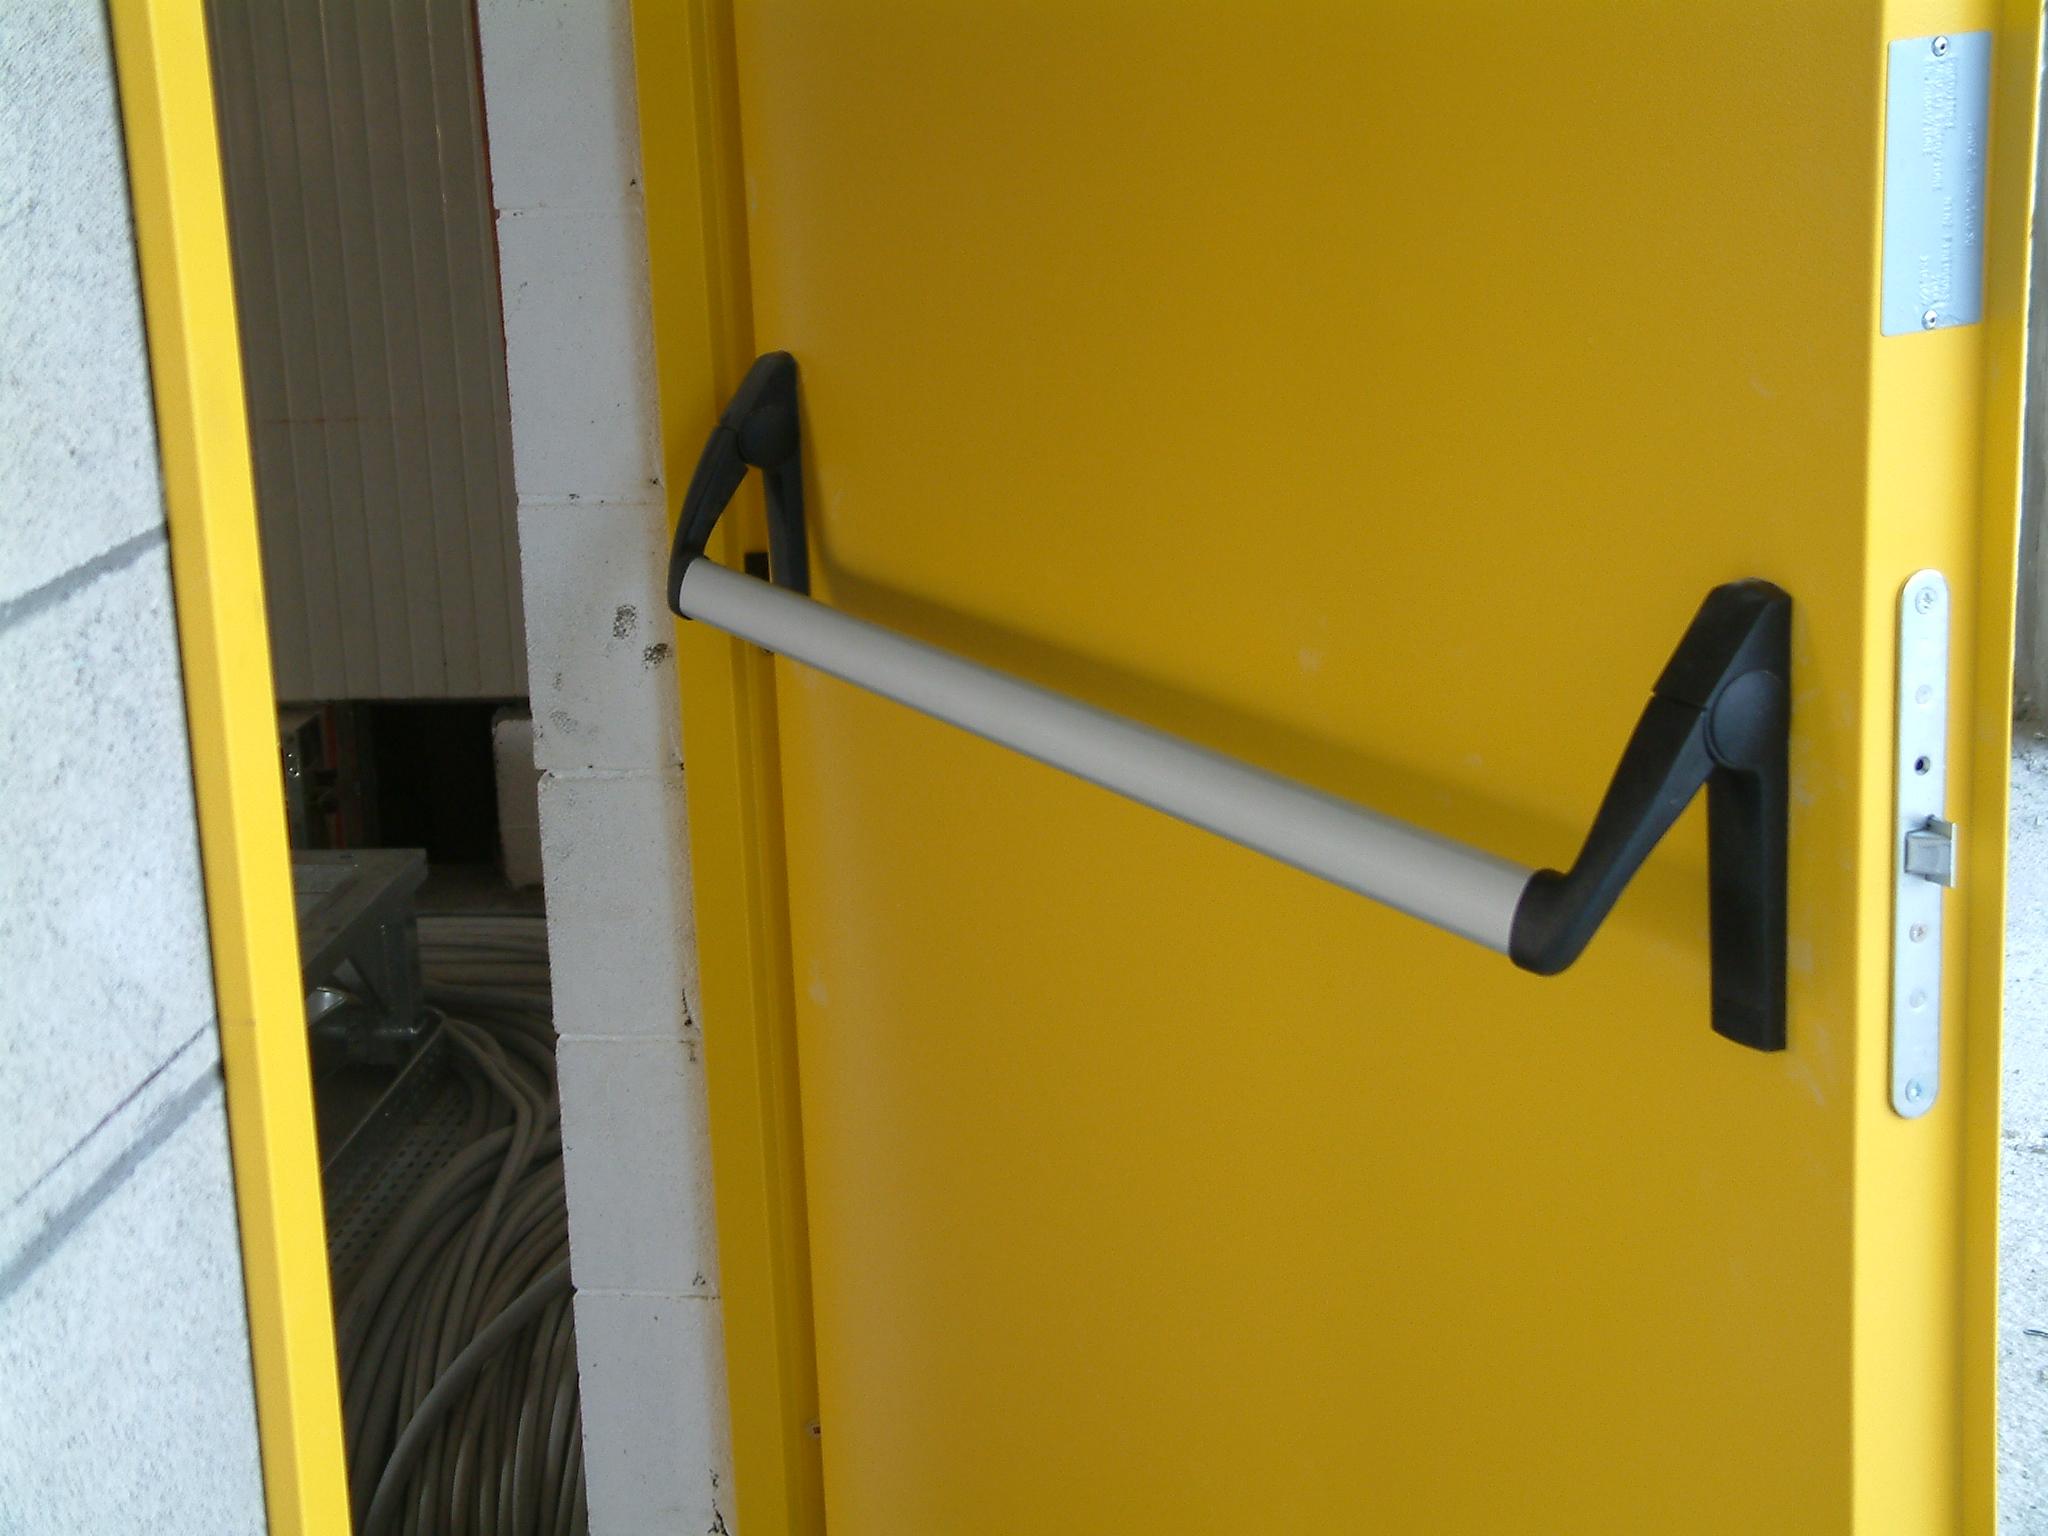 Installazione di porte tagliafuoco vicenza payshop payshop for Porte tagliafuoco